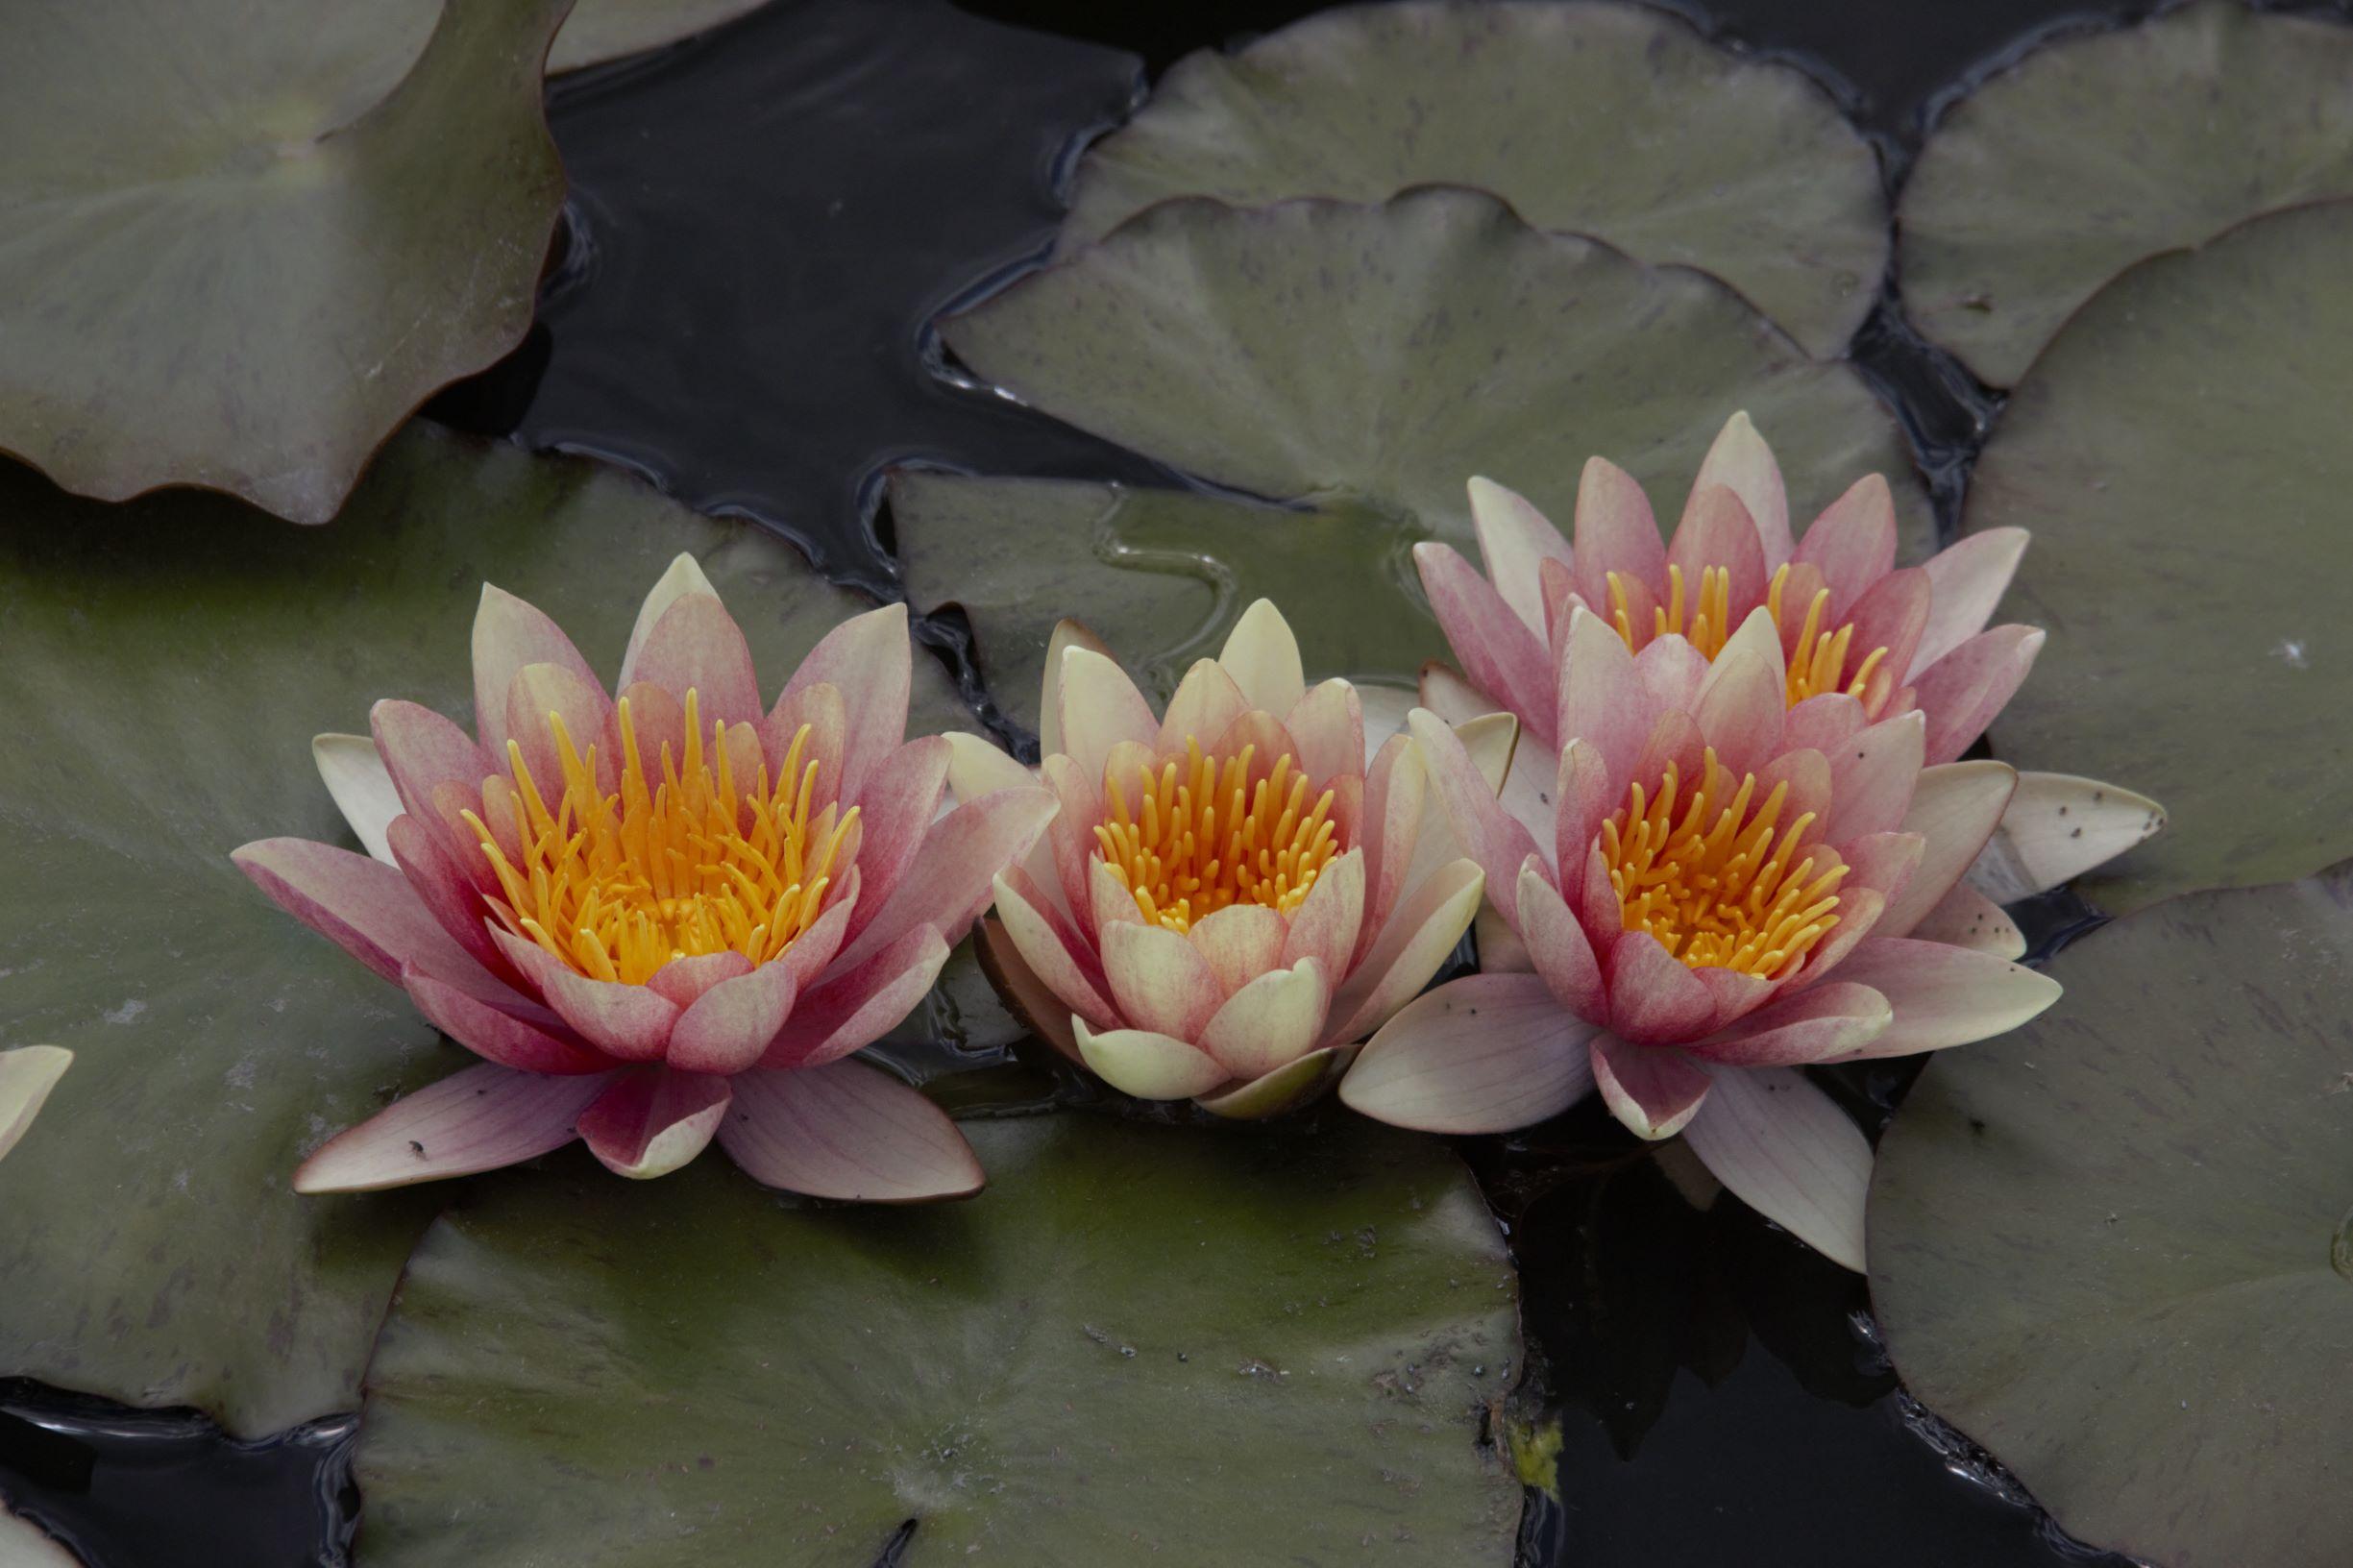 Lotus & Lily Pads -